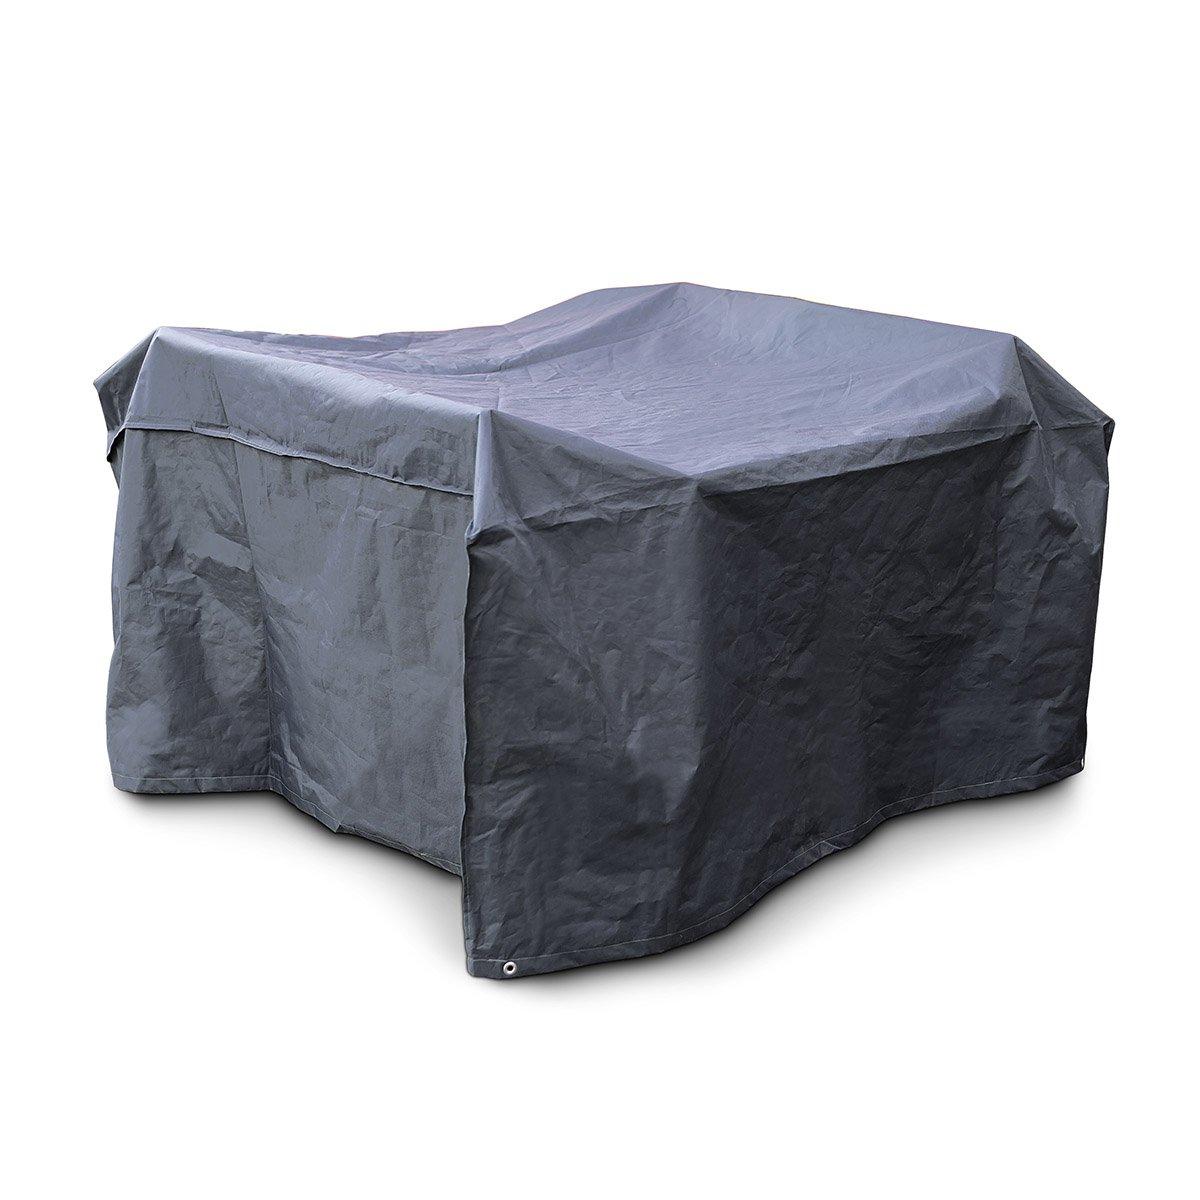 Relaxdays 10019003 Abdeckplane Sitzgruppe robust reißfest online kaufen